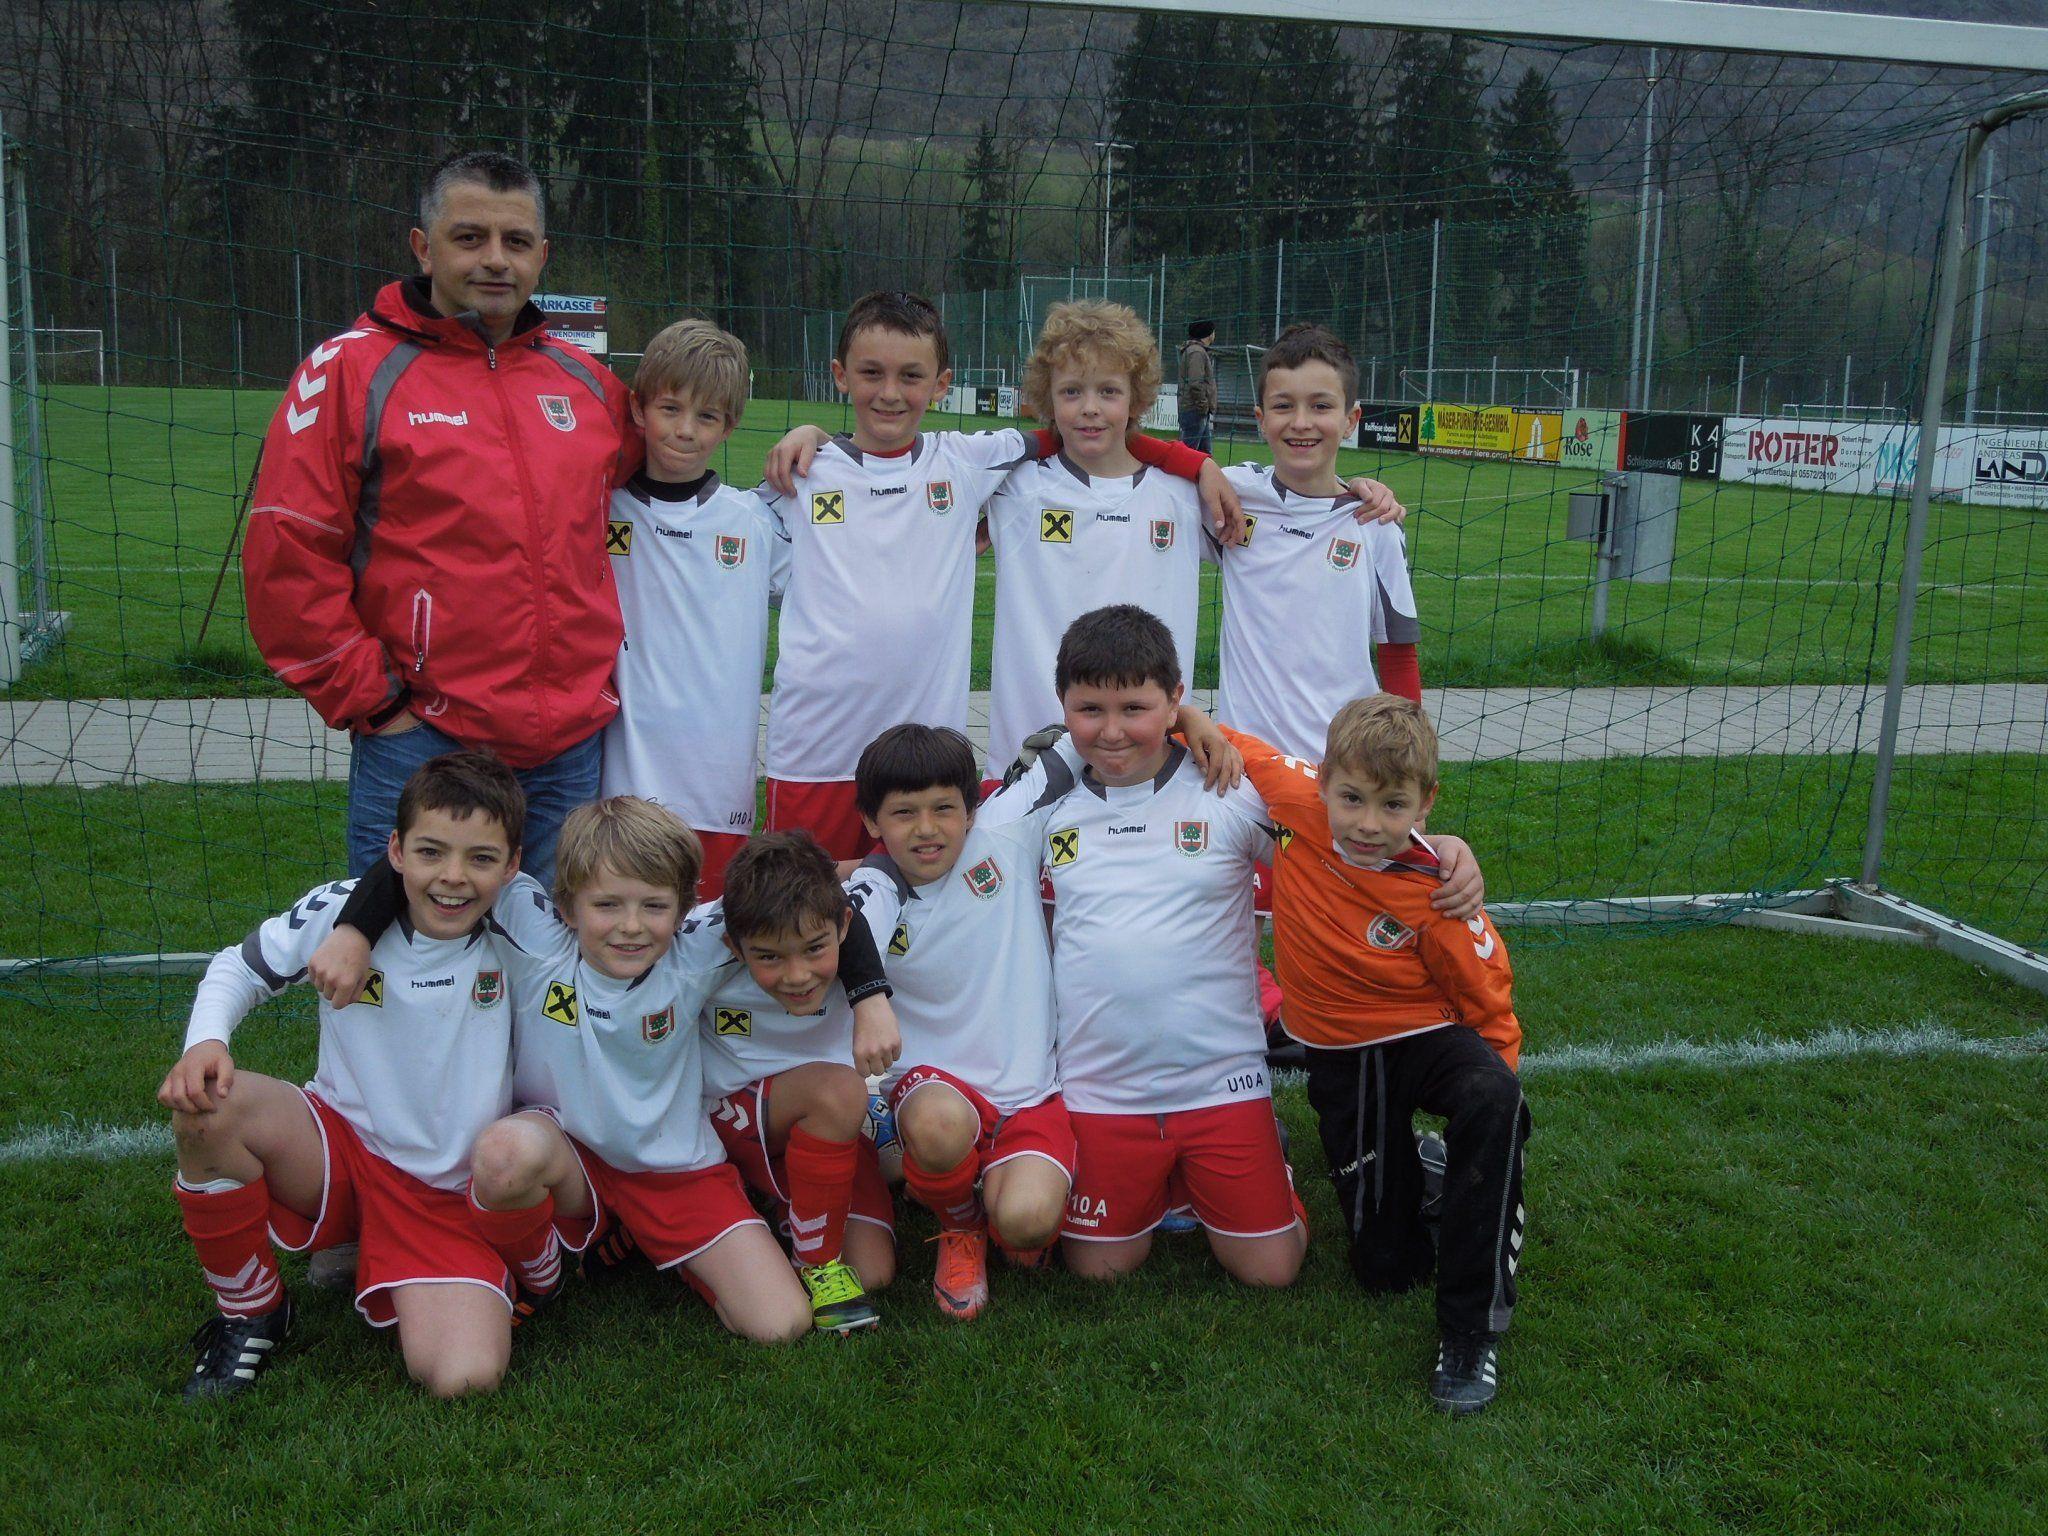 Die U10 mit Trainer Ibo Sakalsiz feierte am Wochenende gleich einen tollen Auftaktsieg gegen Hatlerdorf.